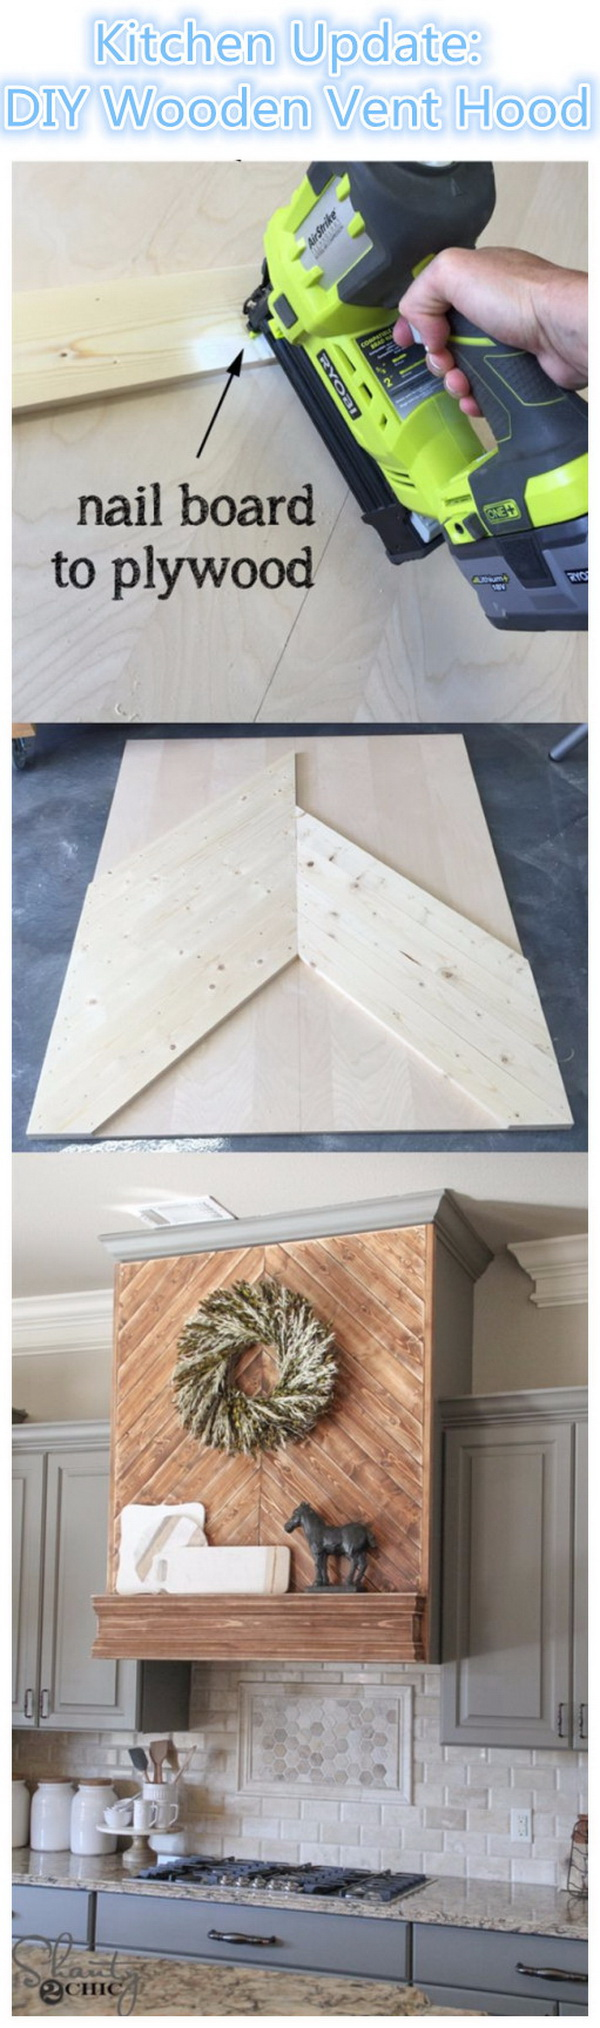 DIY Wooden Vent Hood.